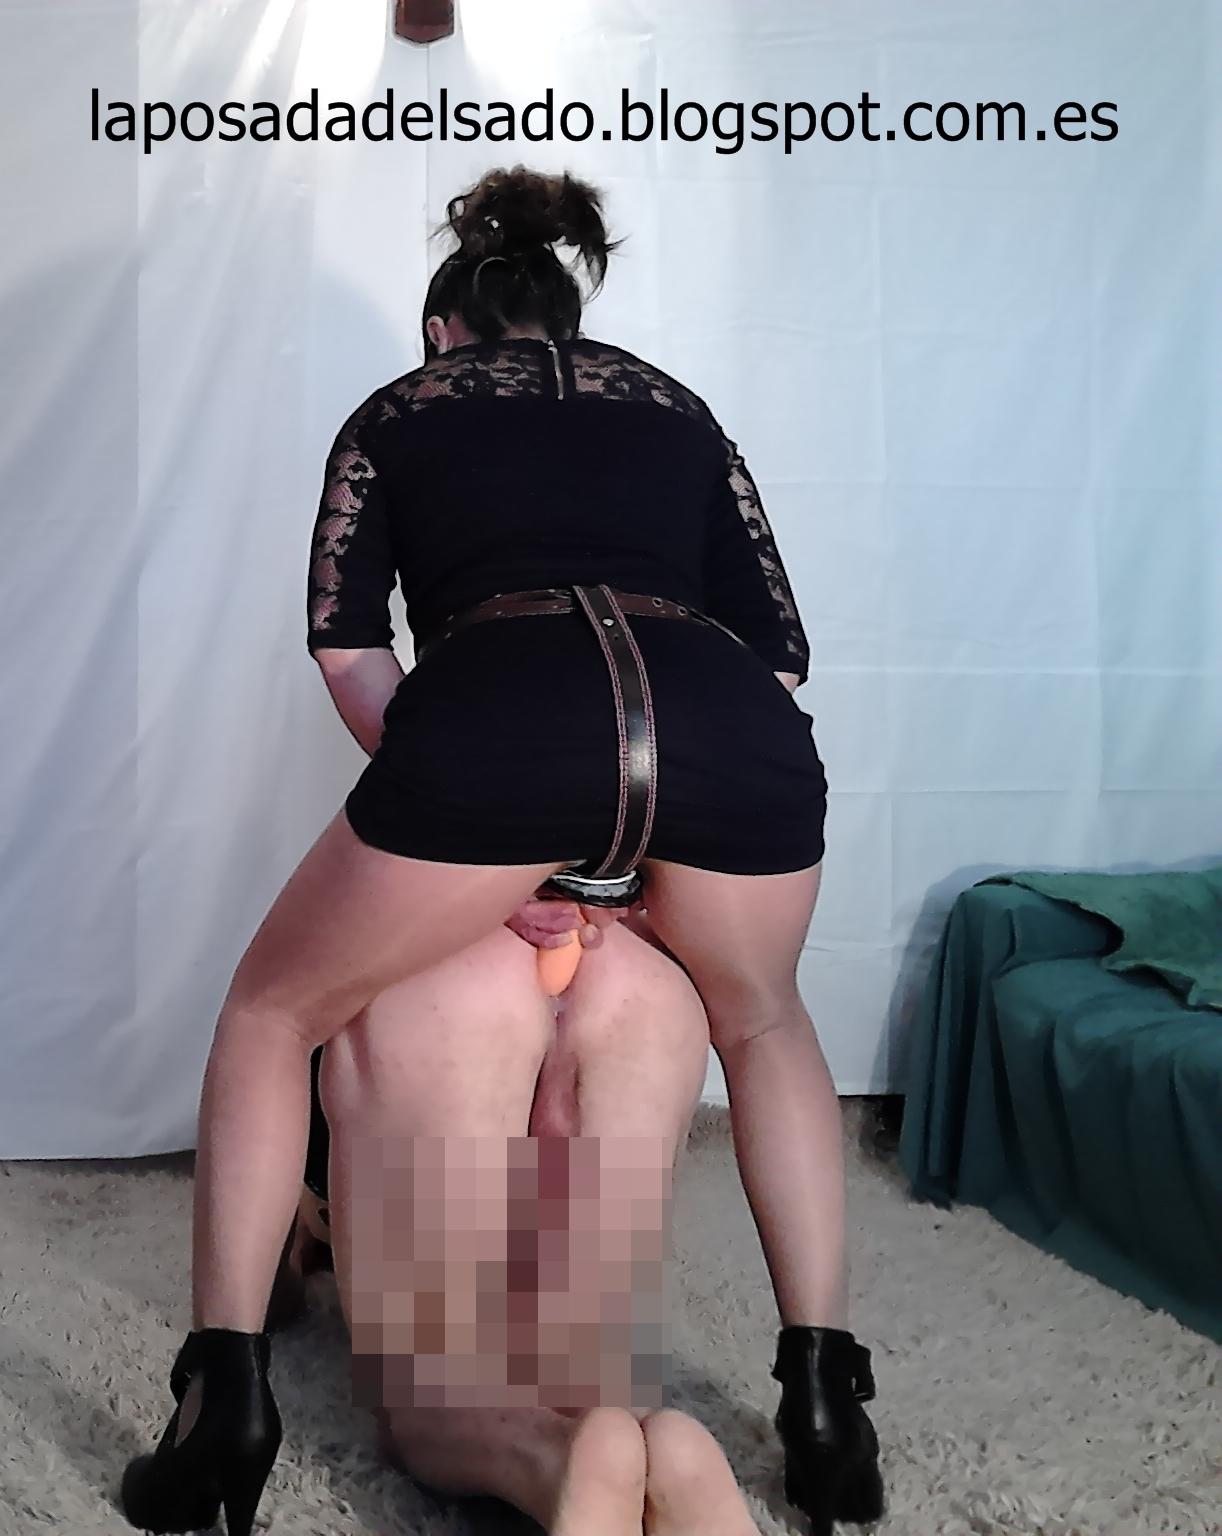 Enculando a un esclavo en el cepo plegable - 2 part 6